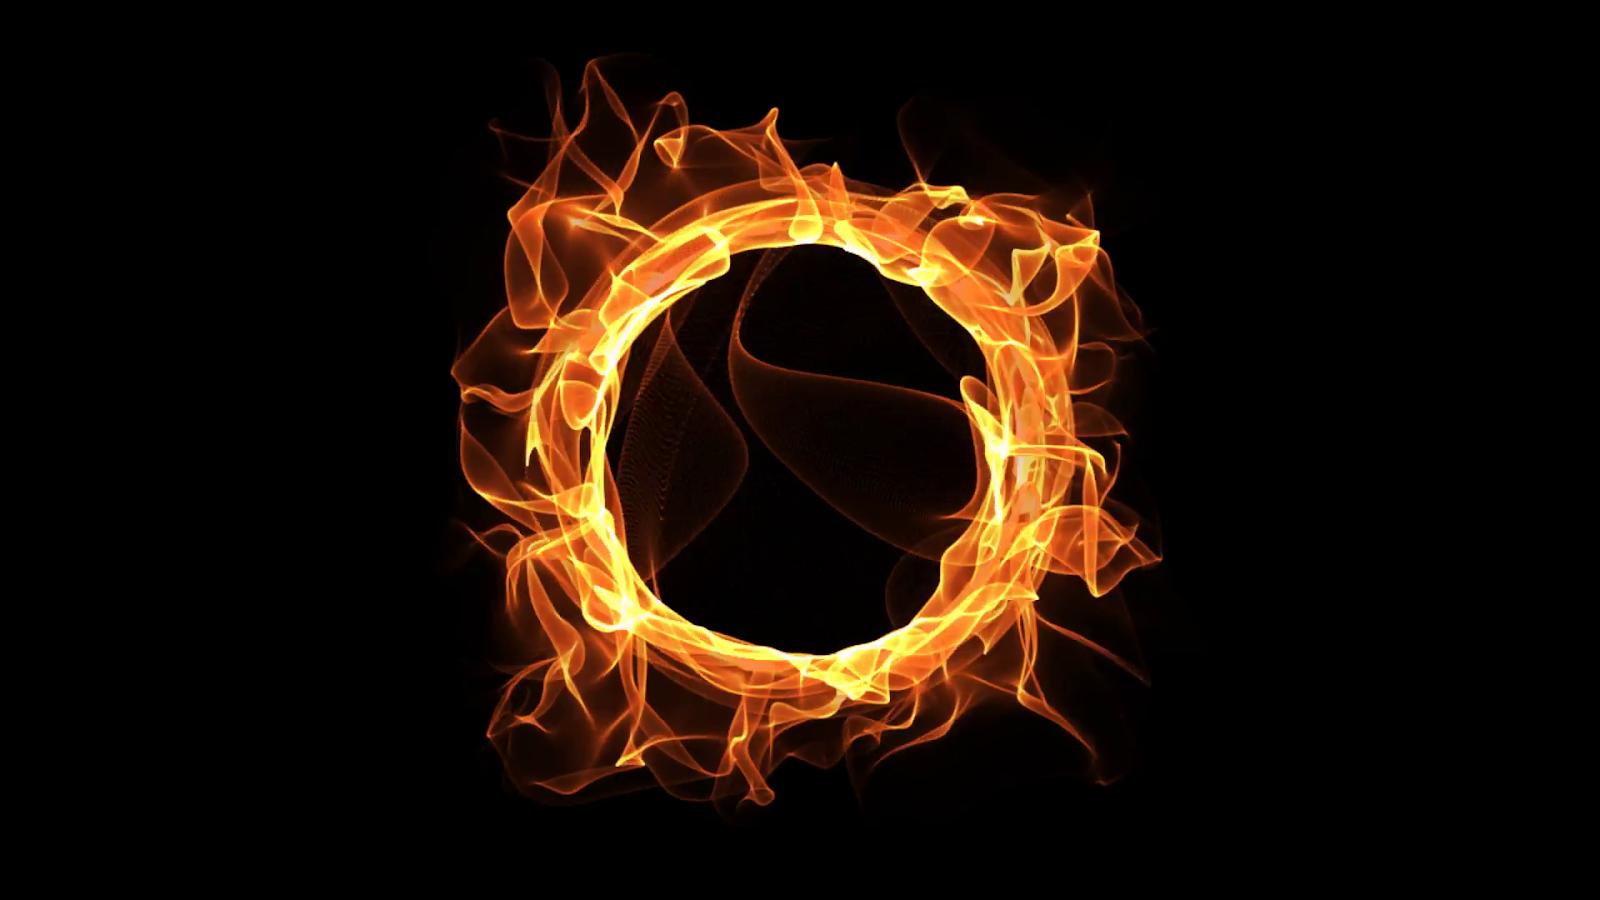 новый почтовый горящий круг картинки окрас называют еще